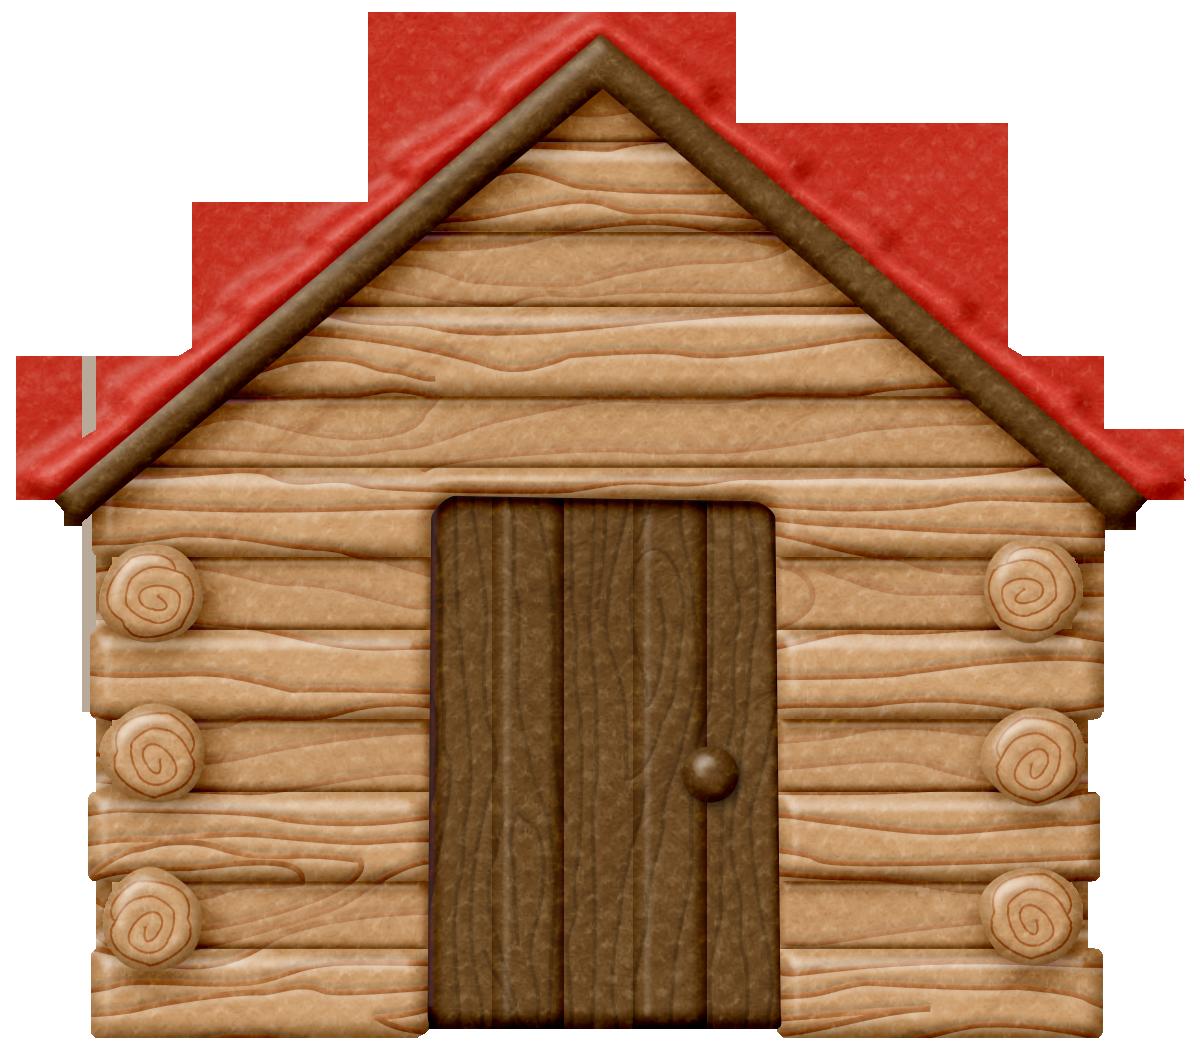 Casita de madera - La casita de madera ...